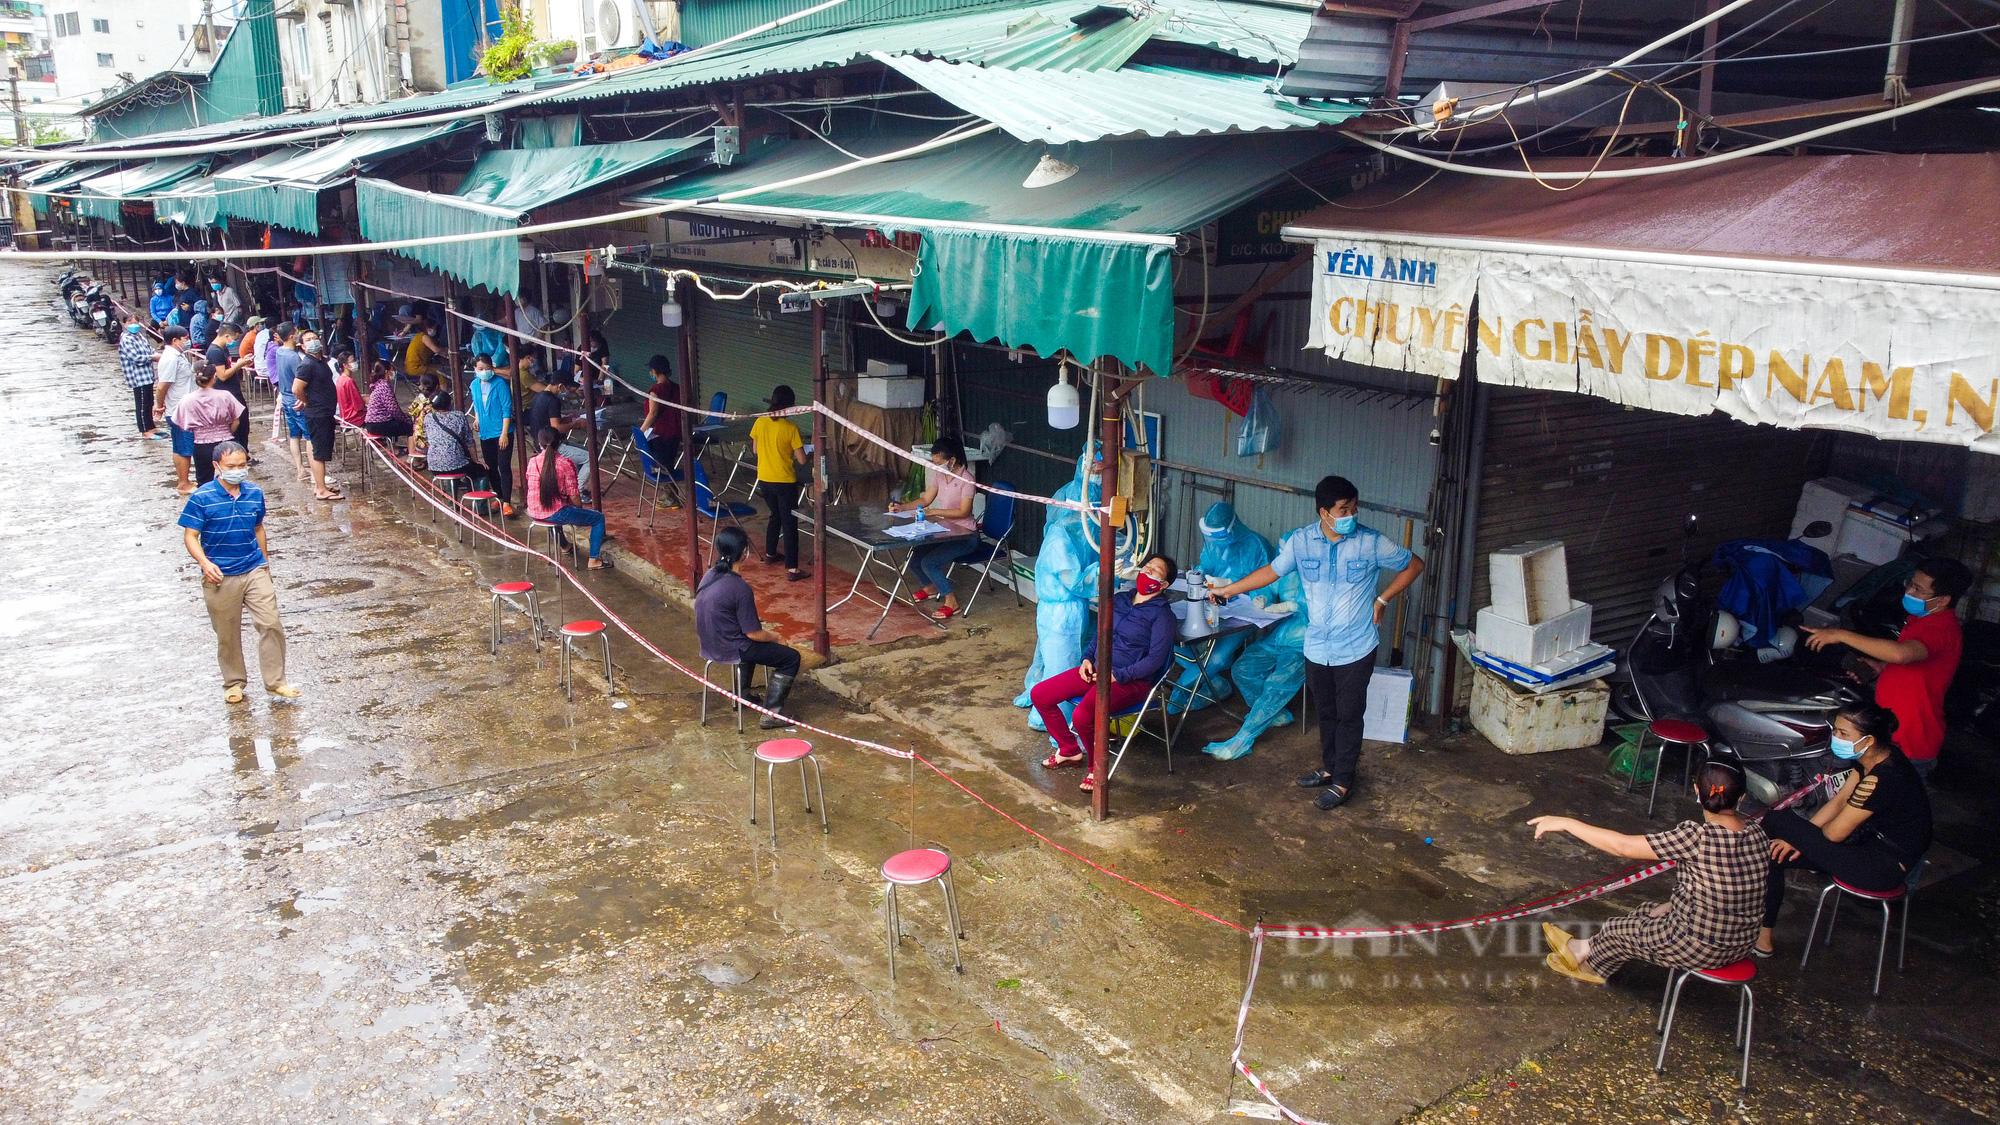 Lấy mẫu xét nghiệm hàng trăm tiểu thương tiểu thương tại chợ Phùng Khoang - Ảnh 3.